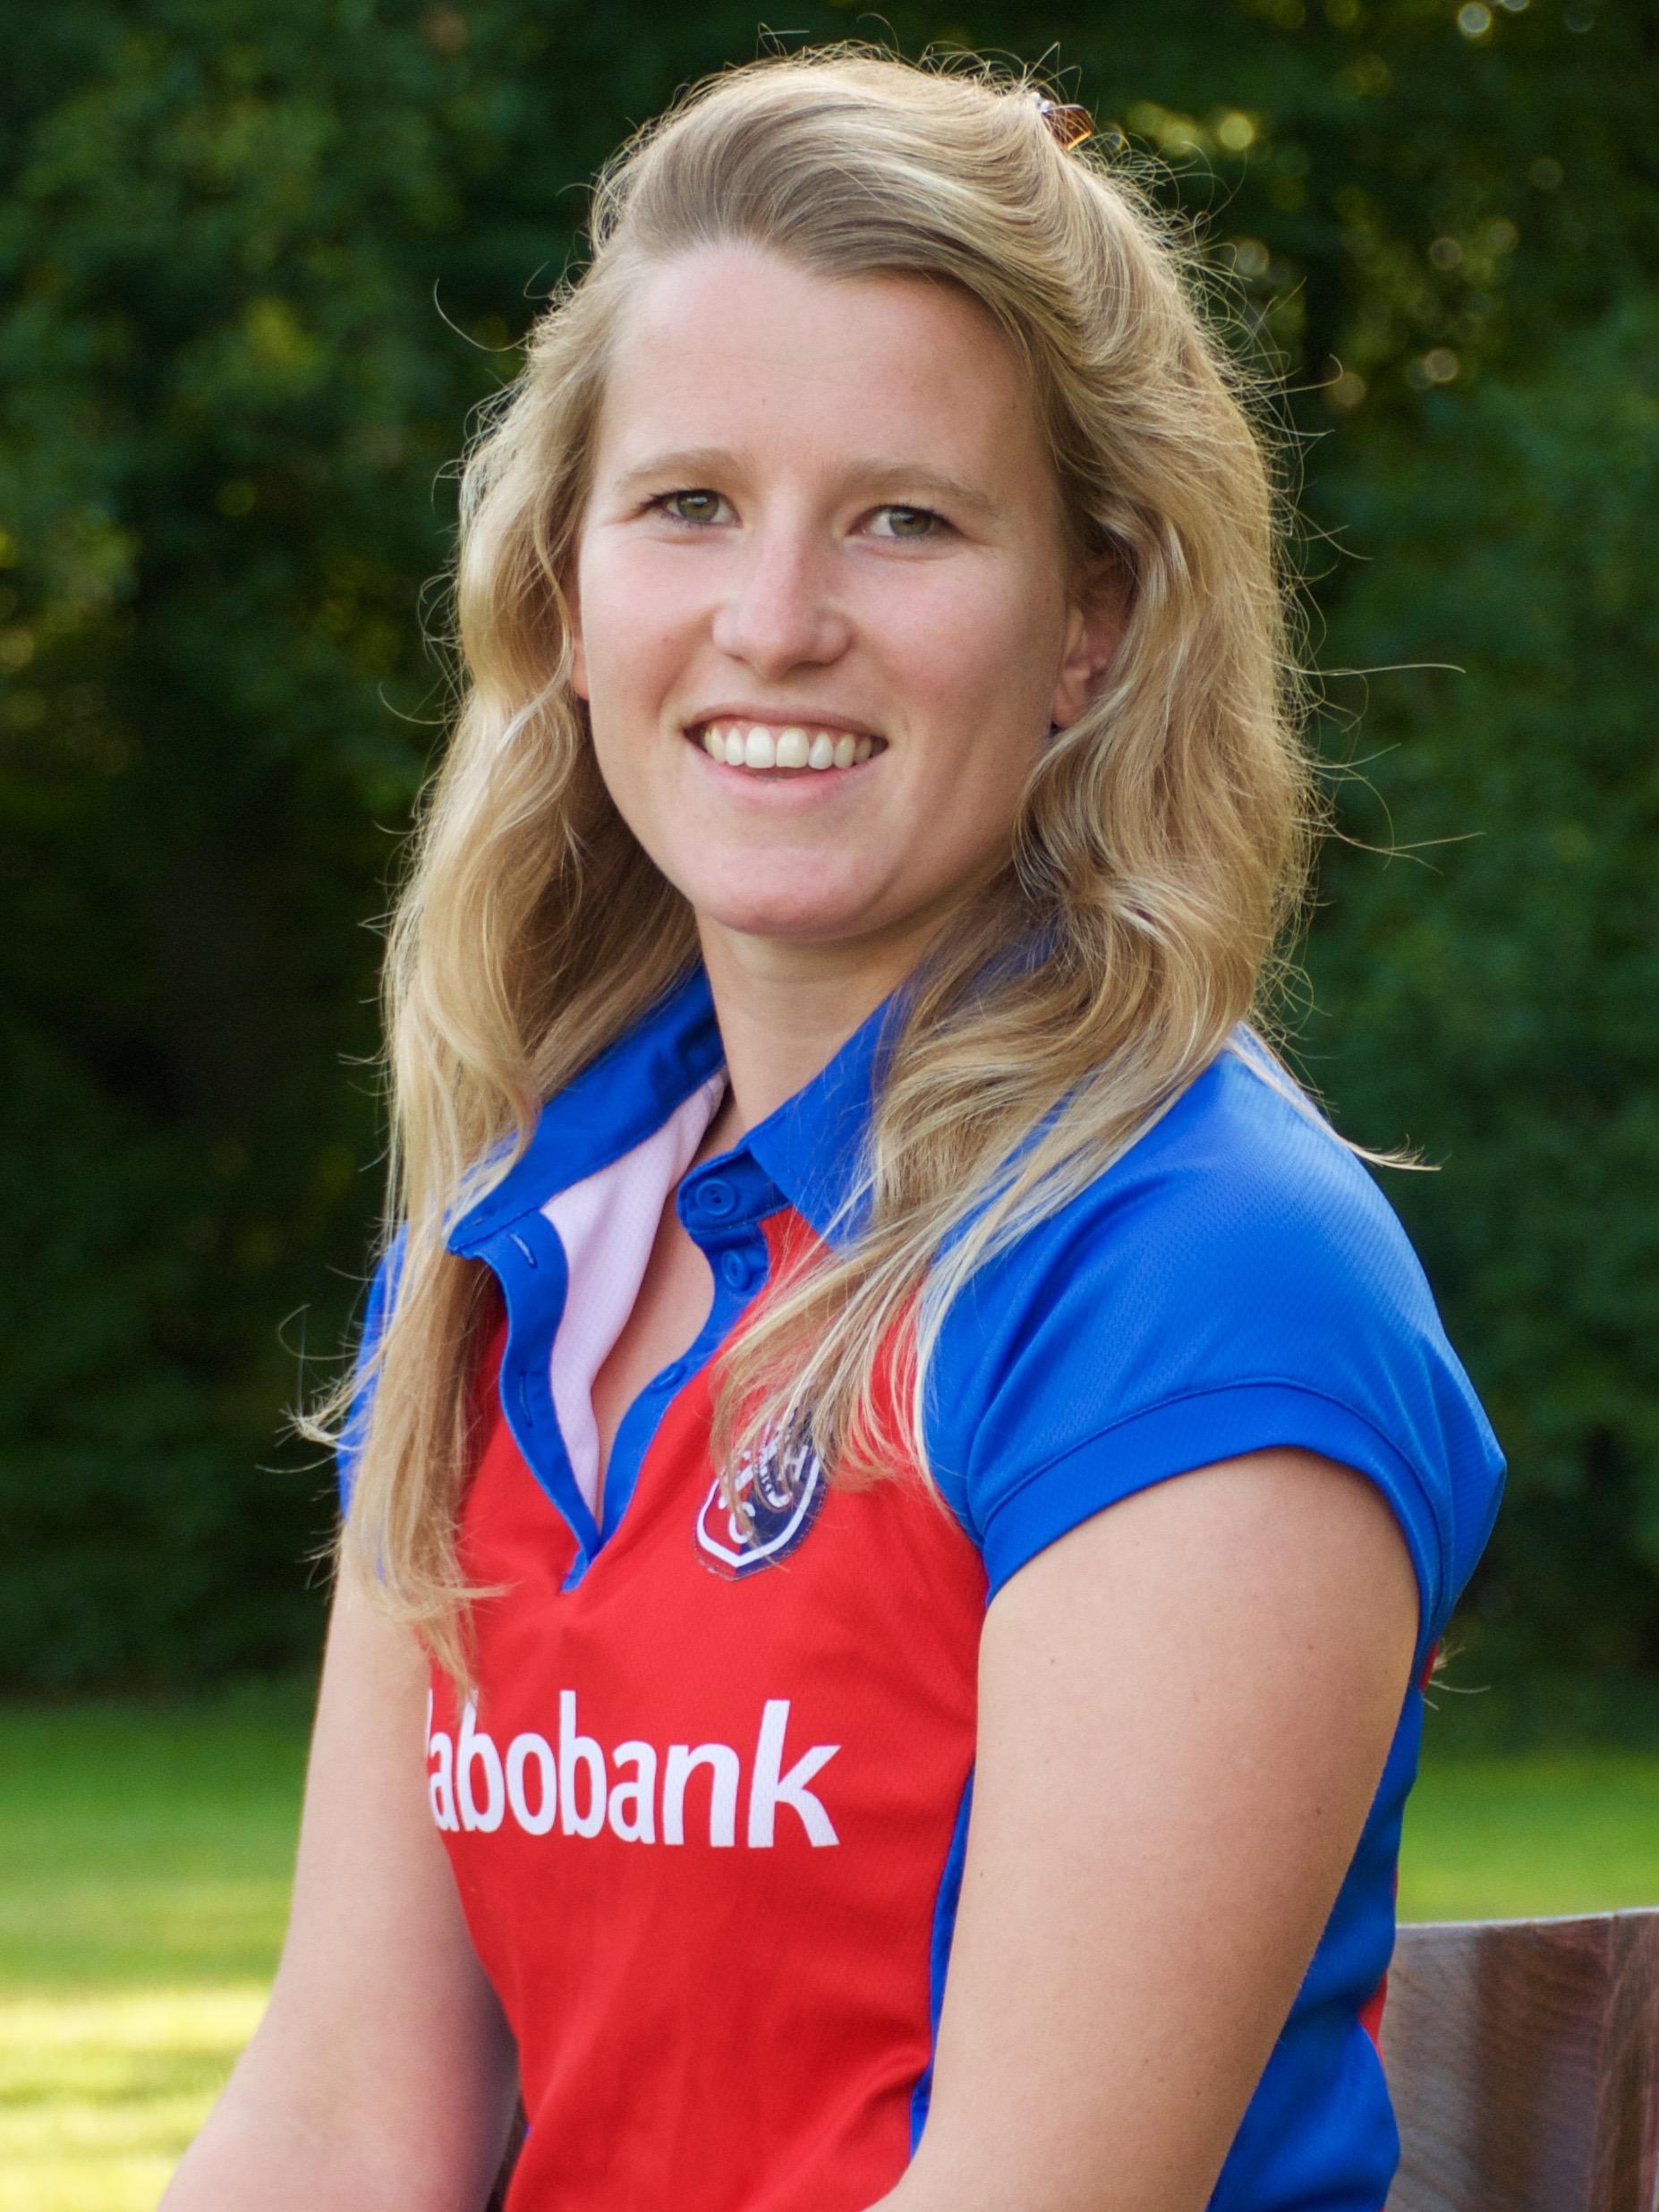 Marise Jongepier